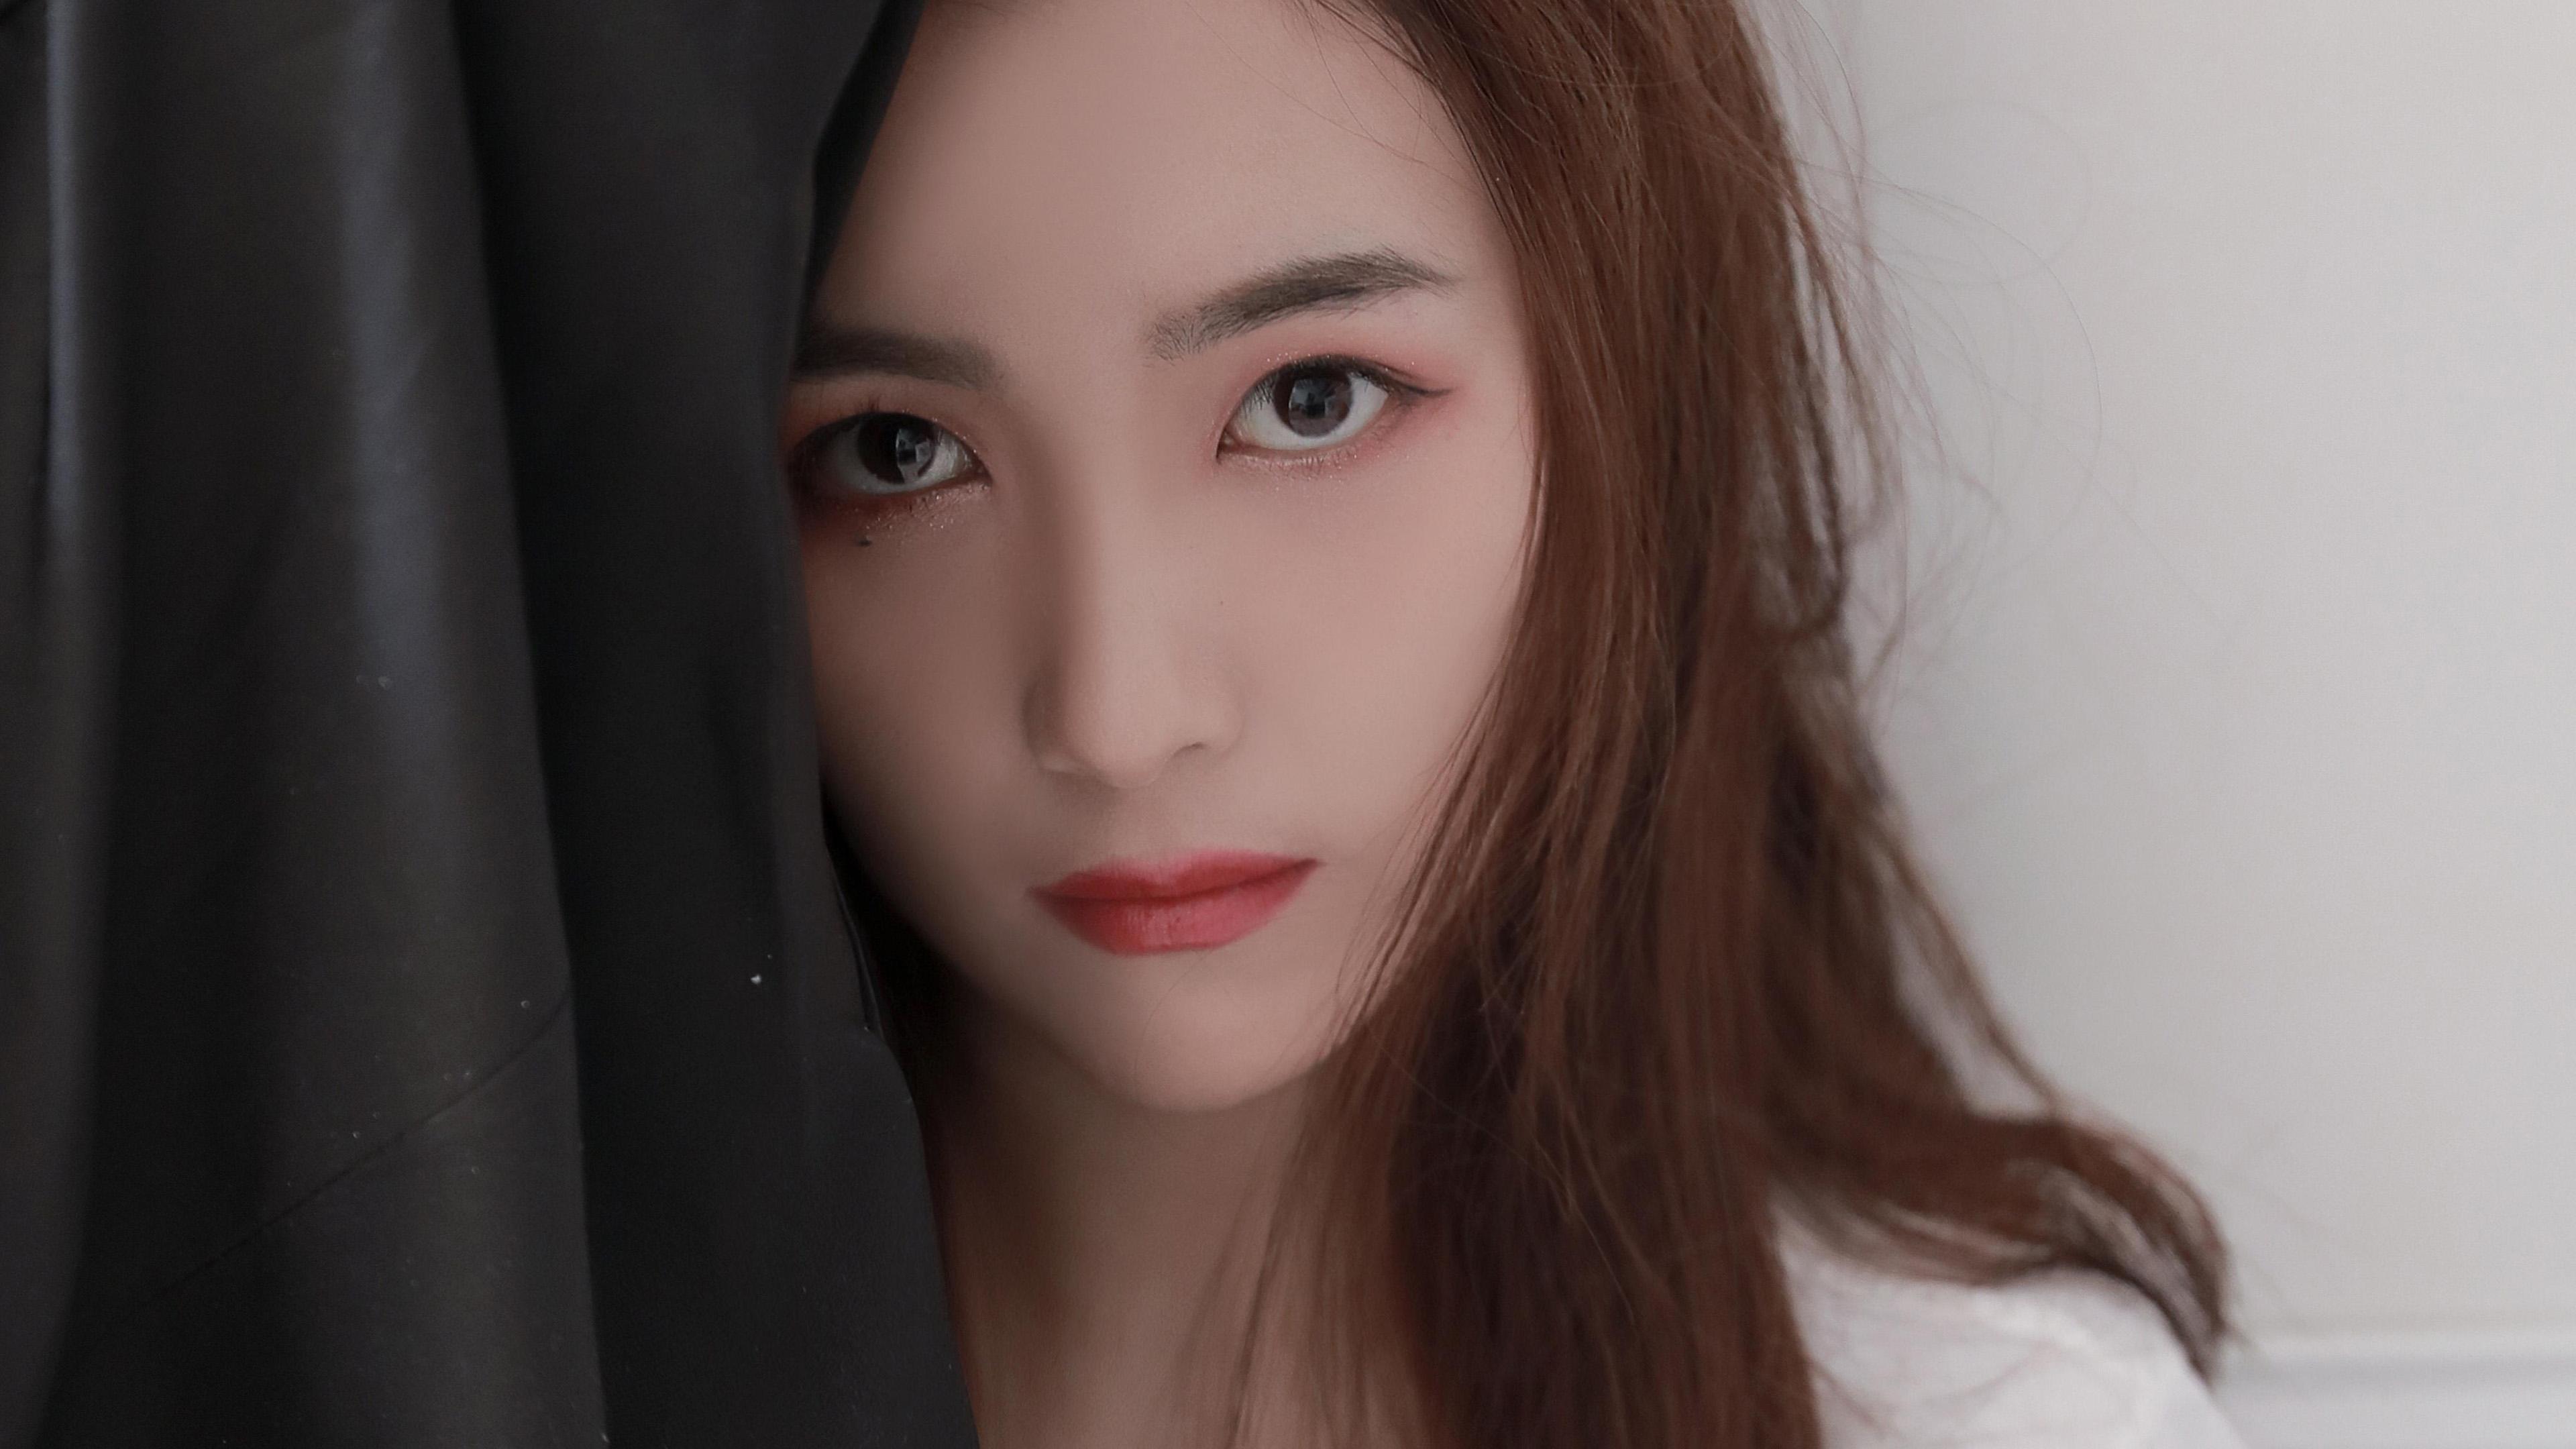 美女模特,清纯,长发,冷艳